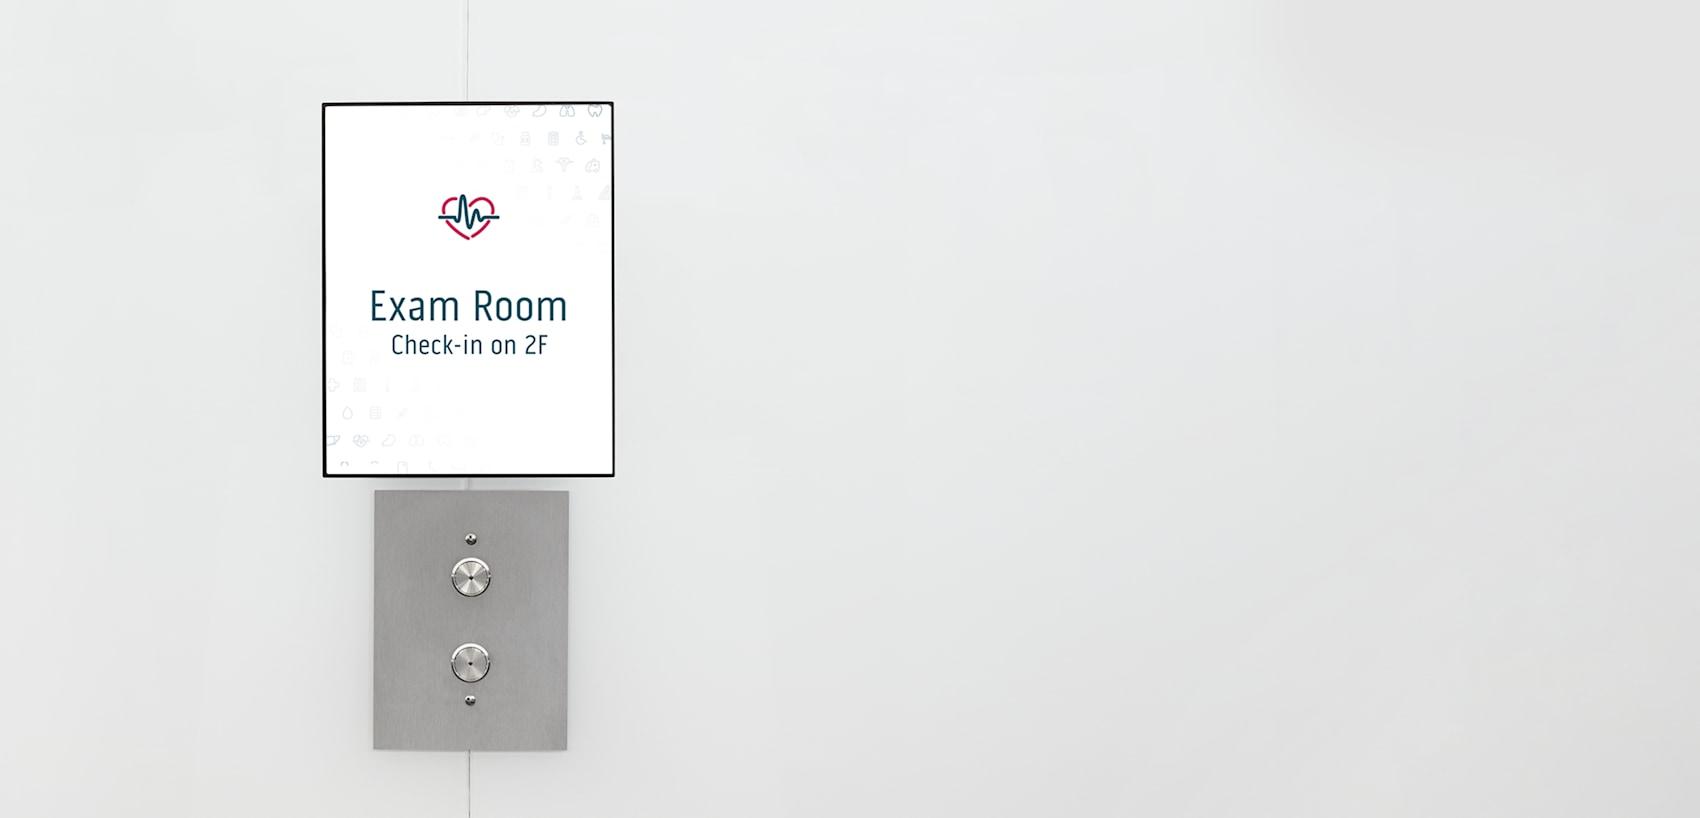 personalized plastic door signs